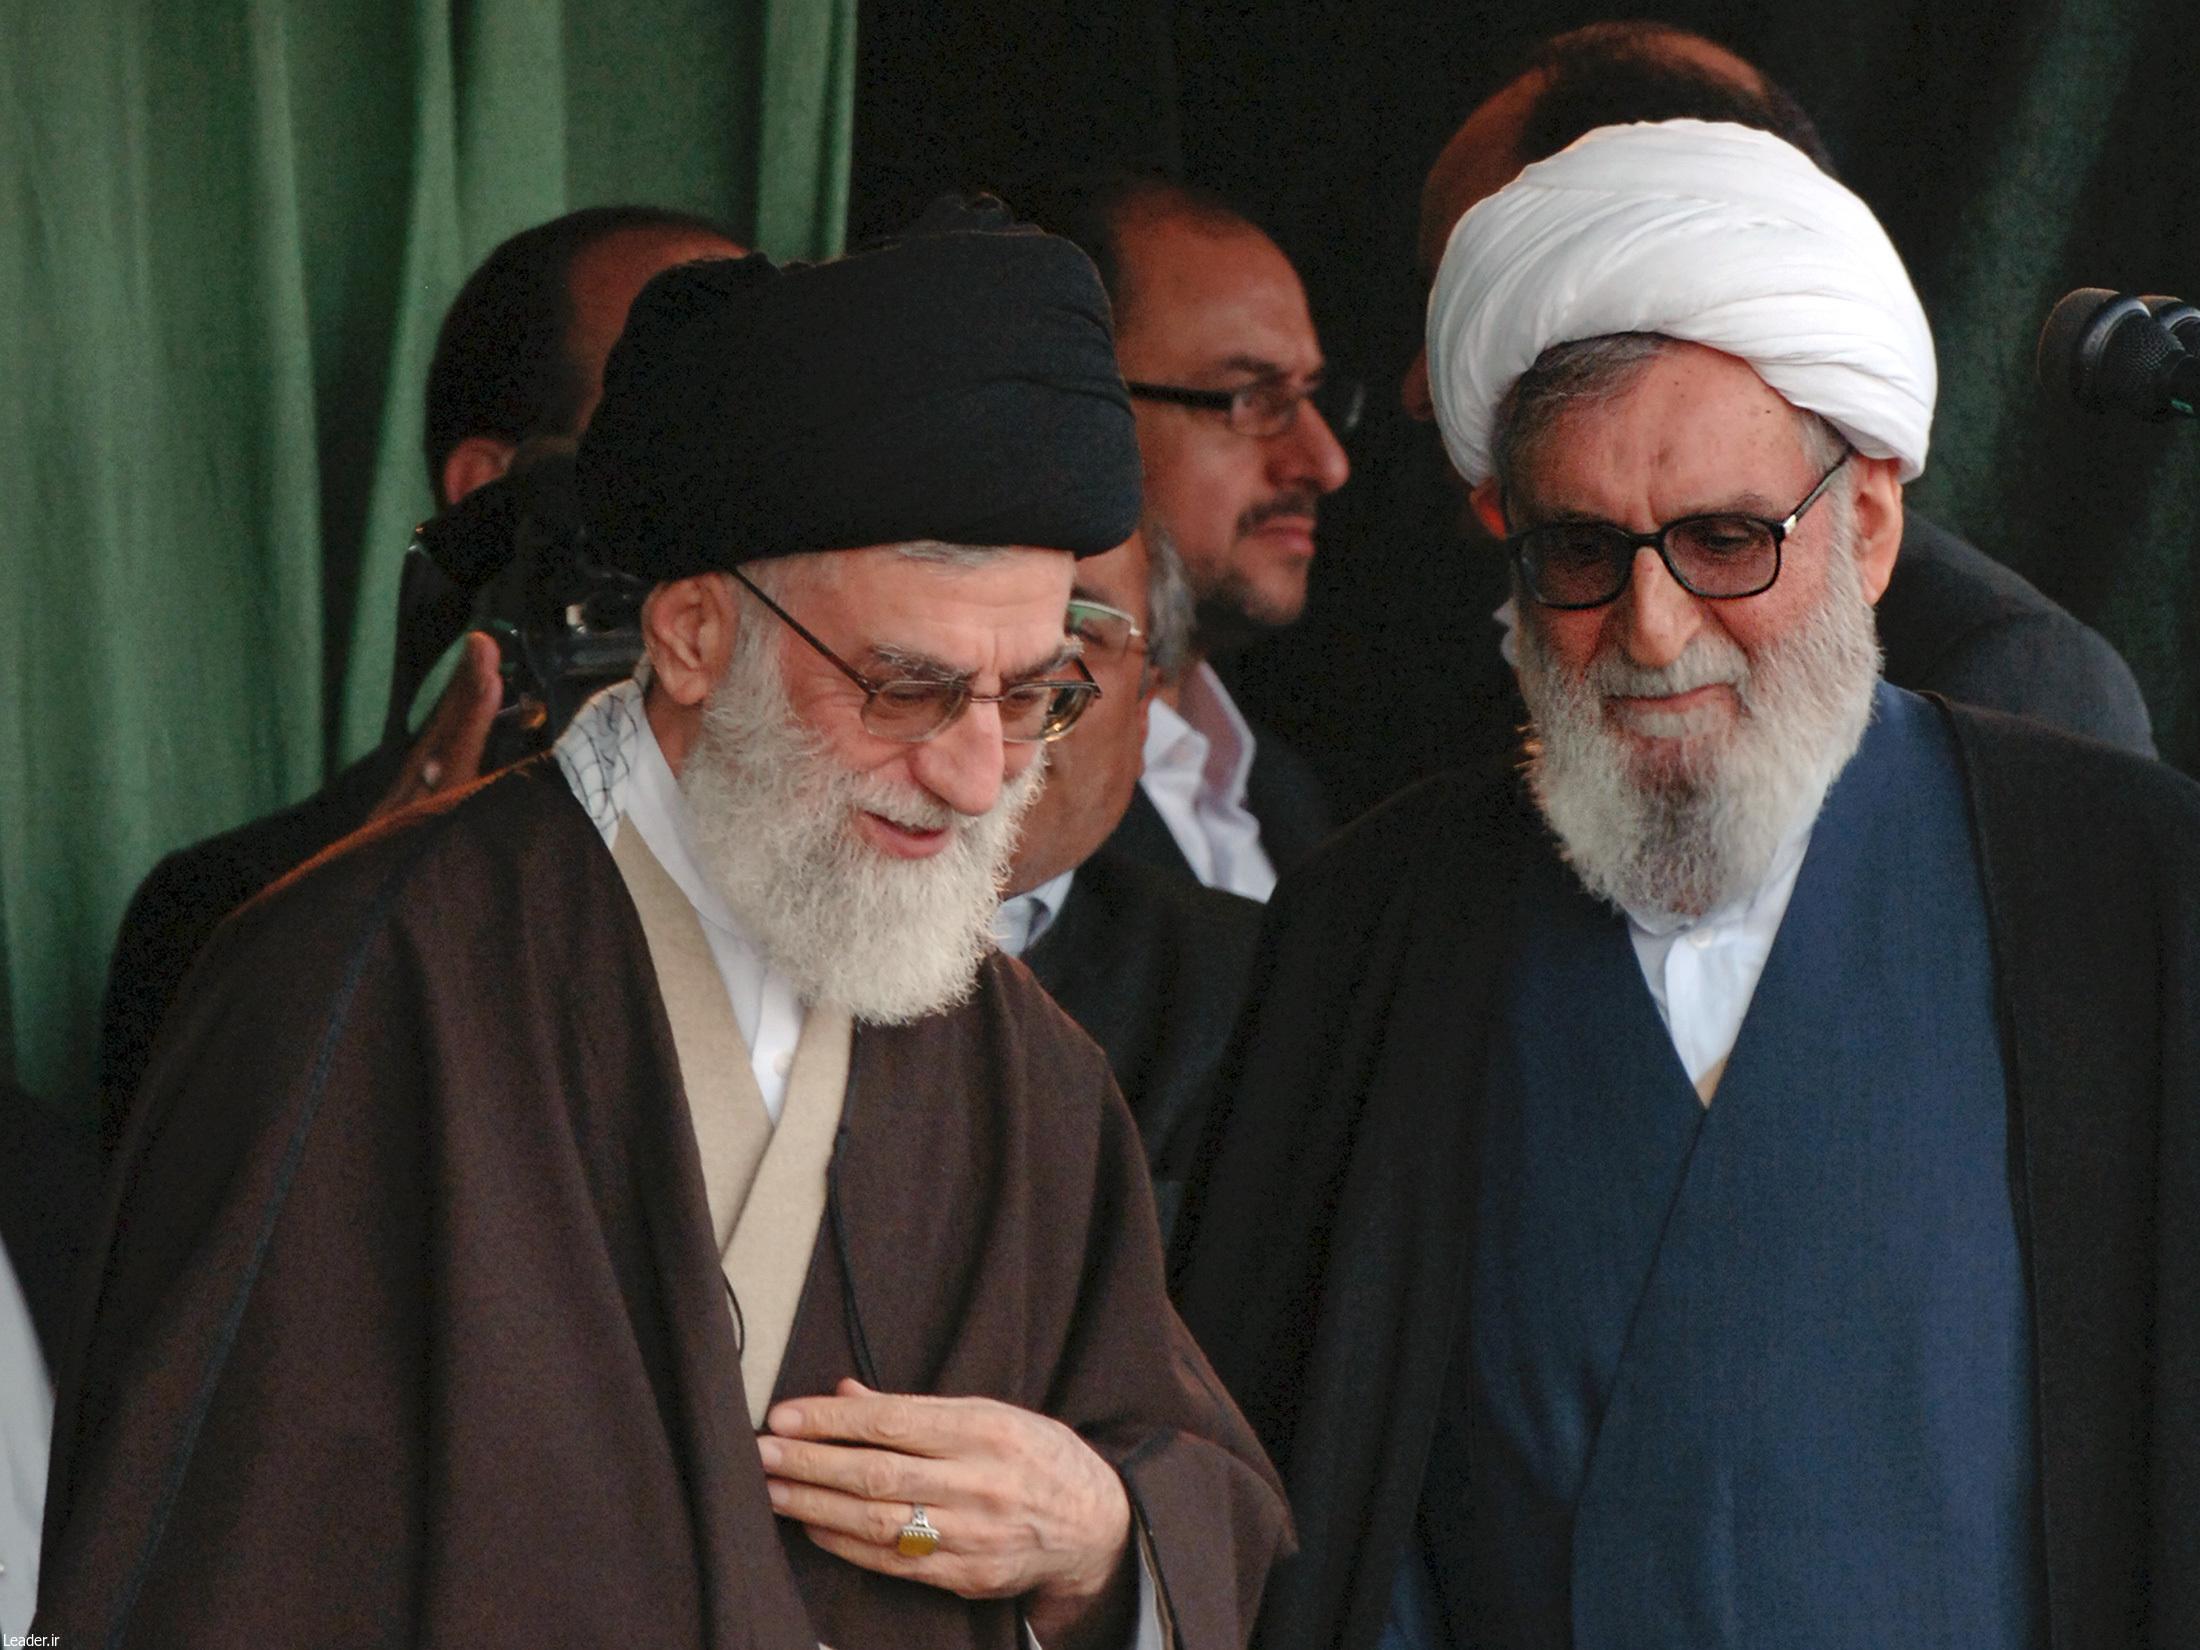 ایشان برادری همدل برای اینجانب و مریدی صَدیق برای امام و خدمتگزاری پایدار برای انقلاب بود